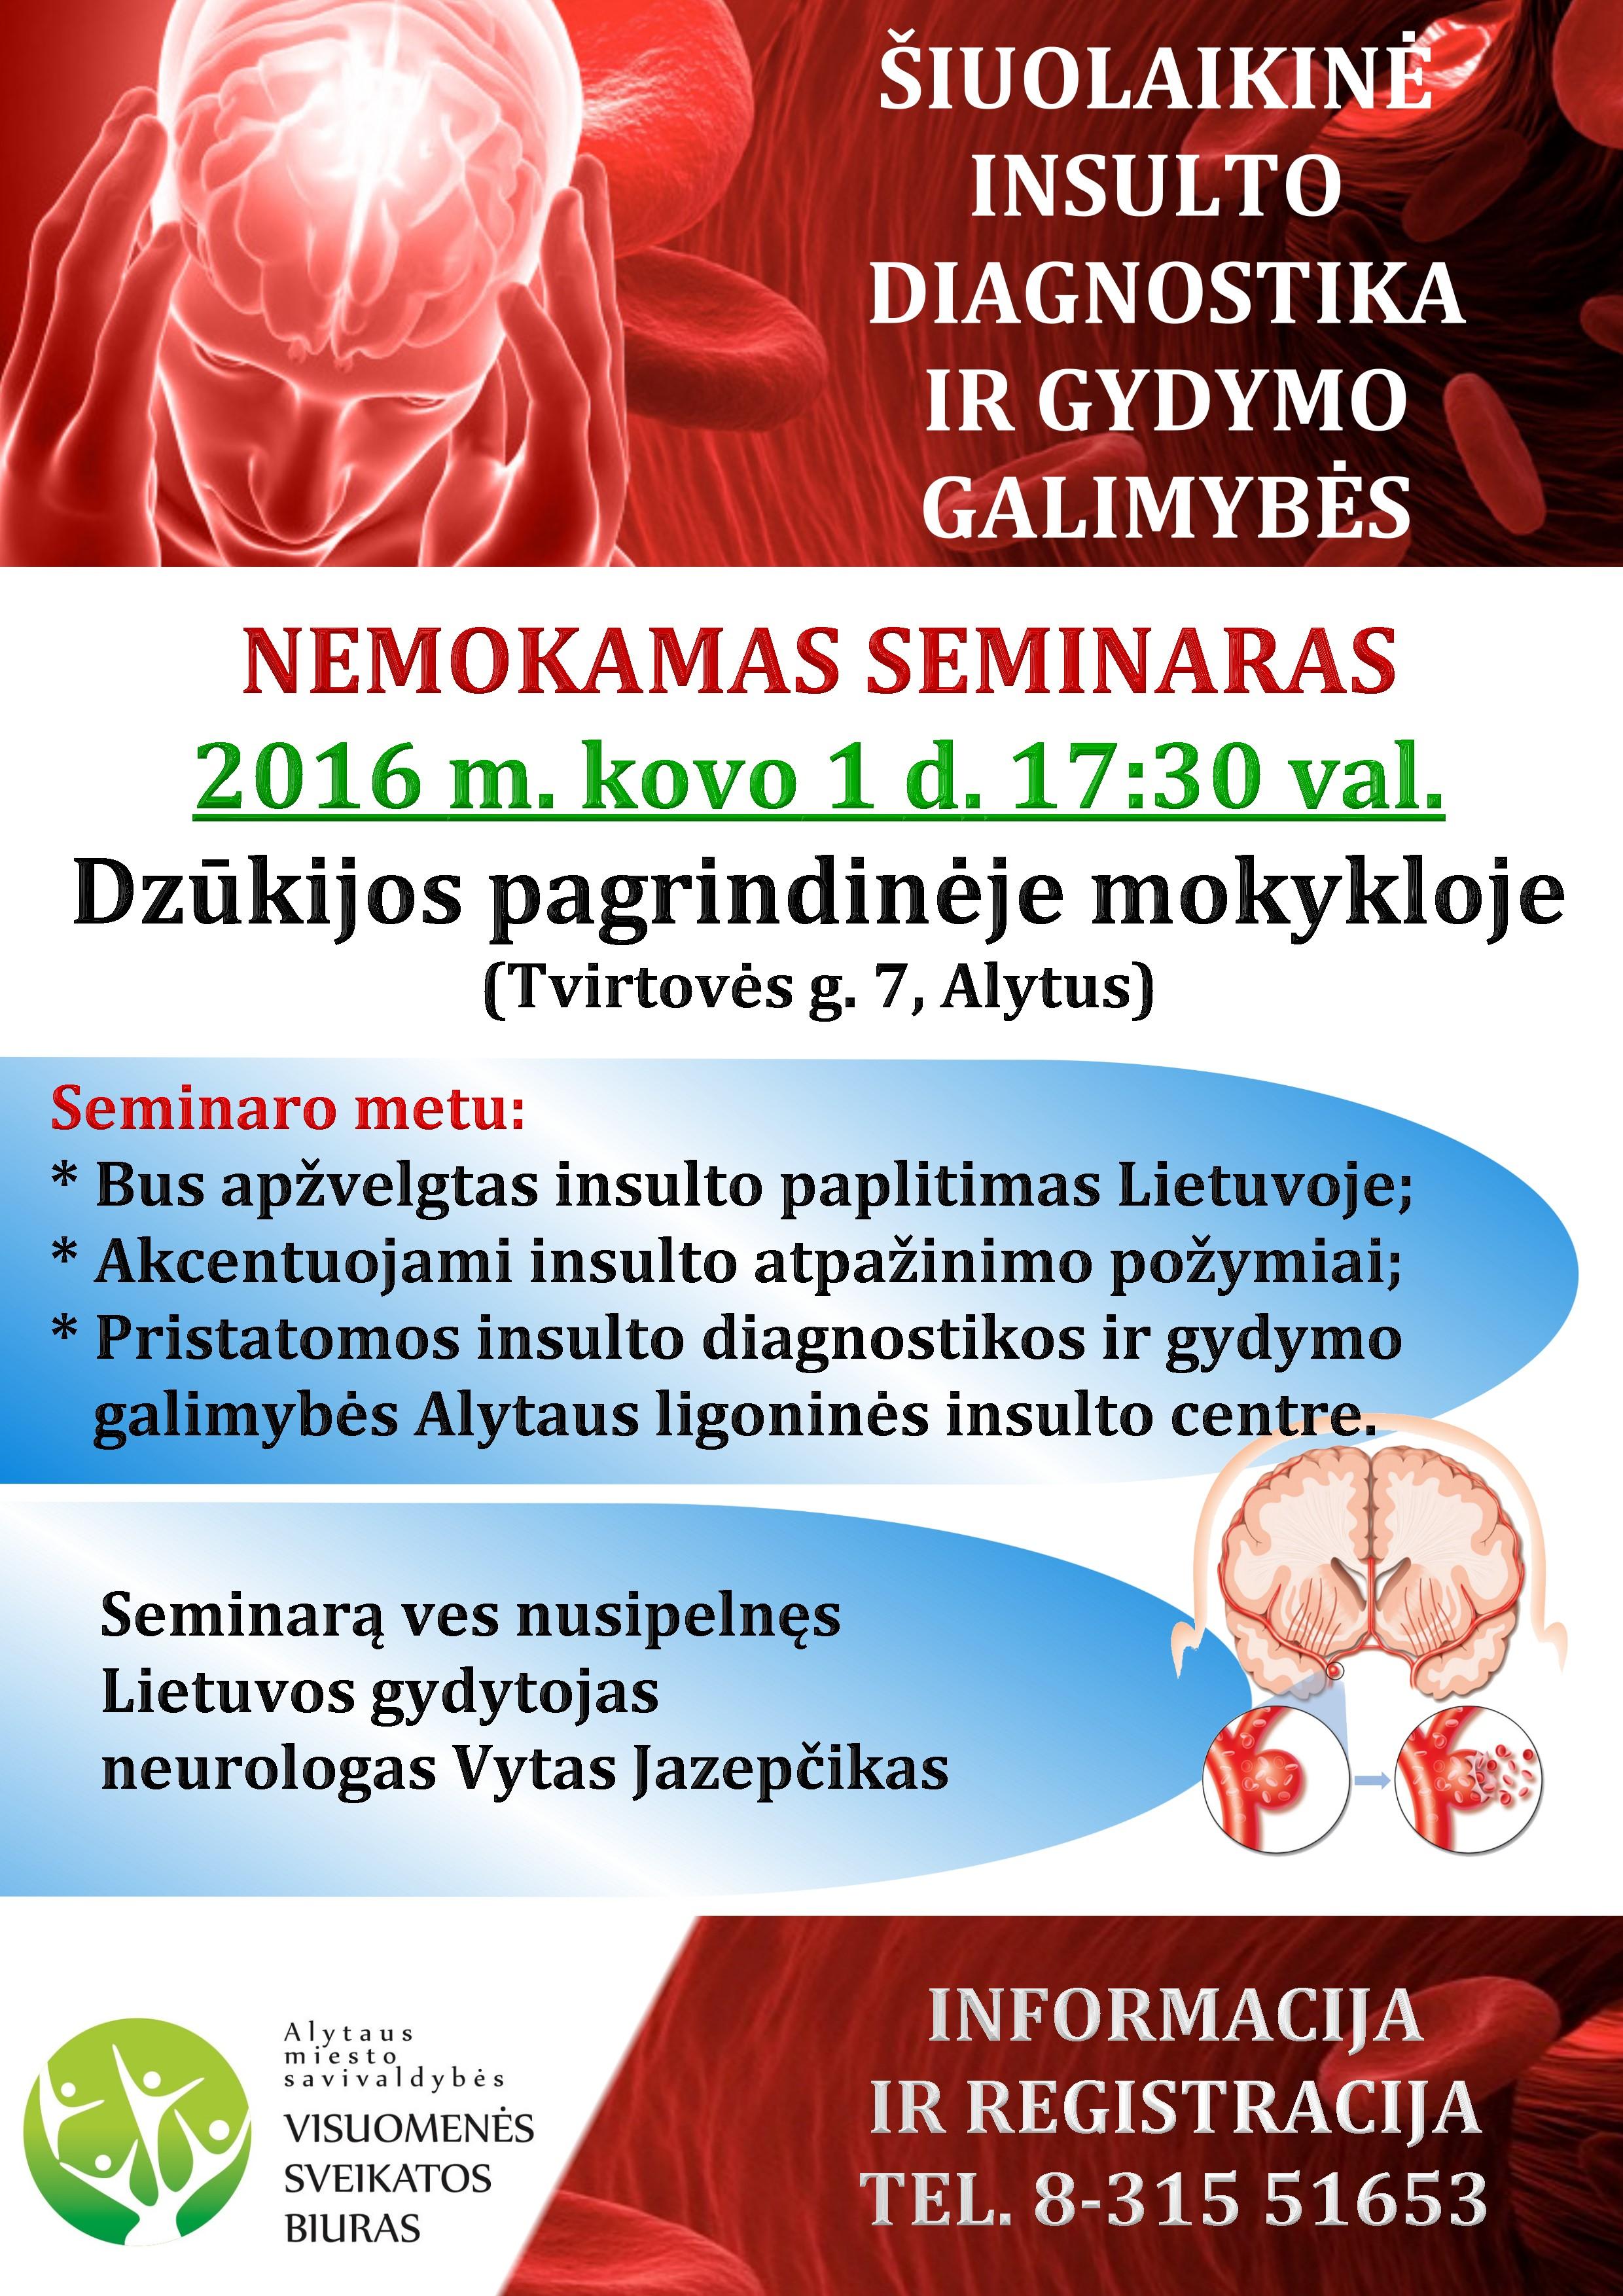 hipertenzija insulto priežastis)